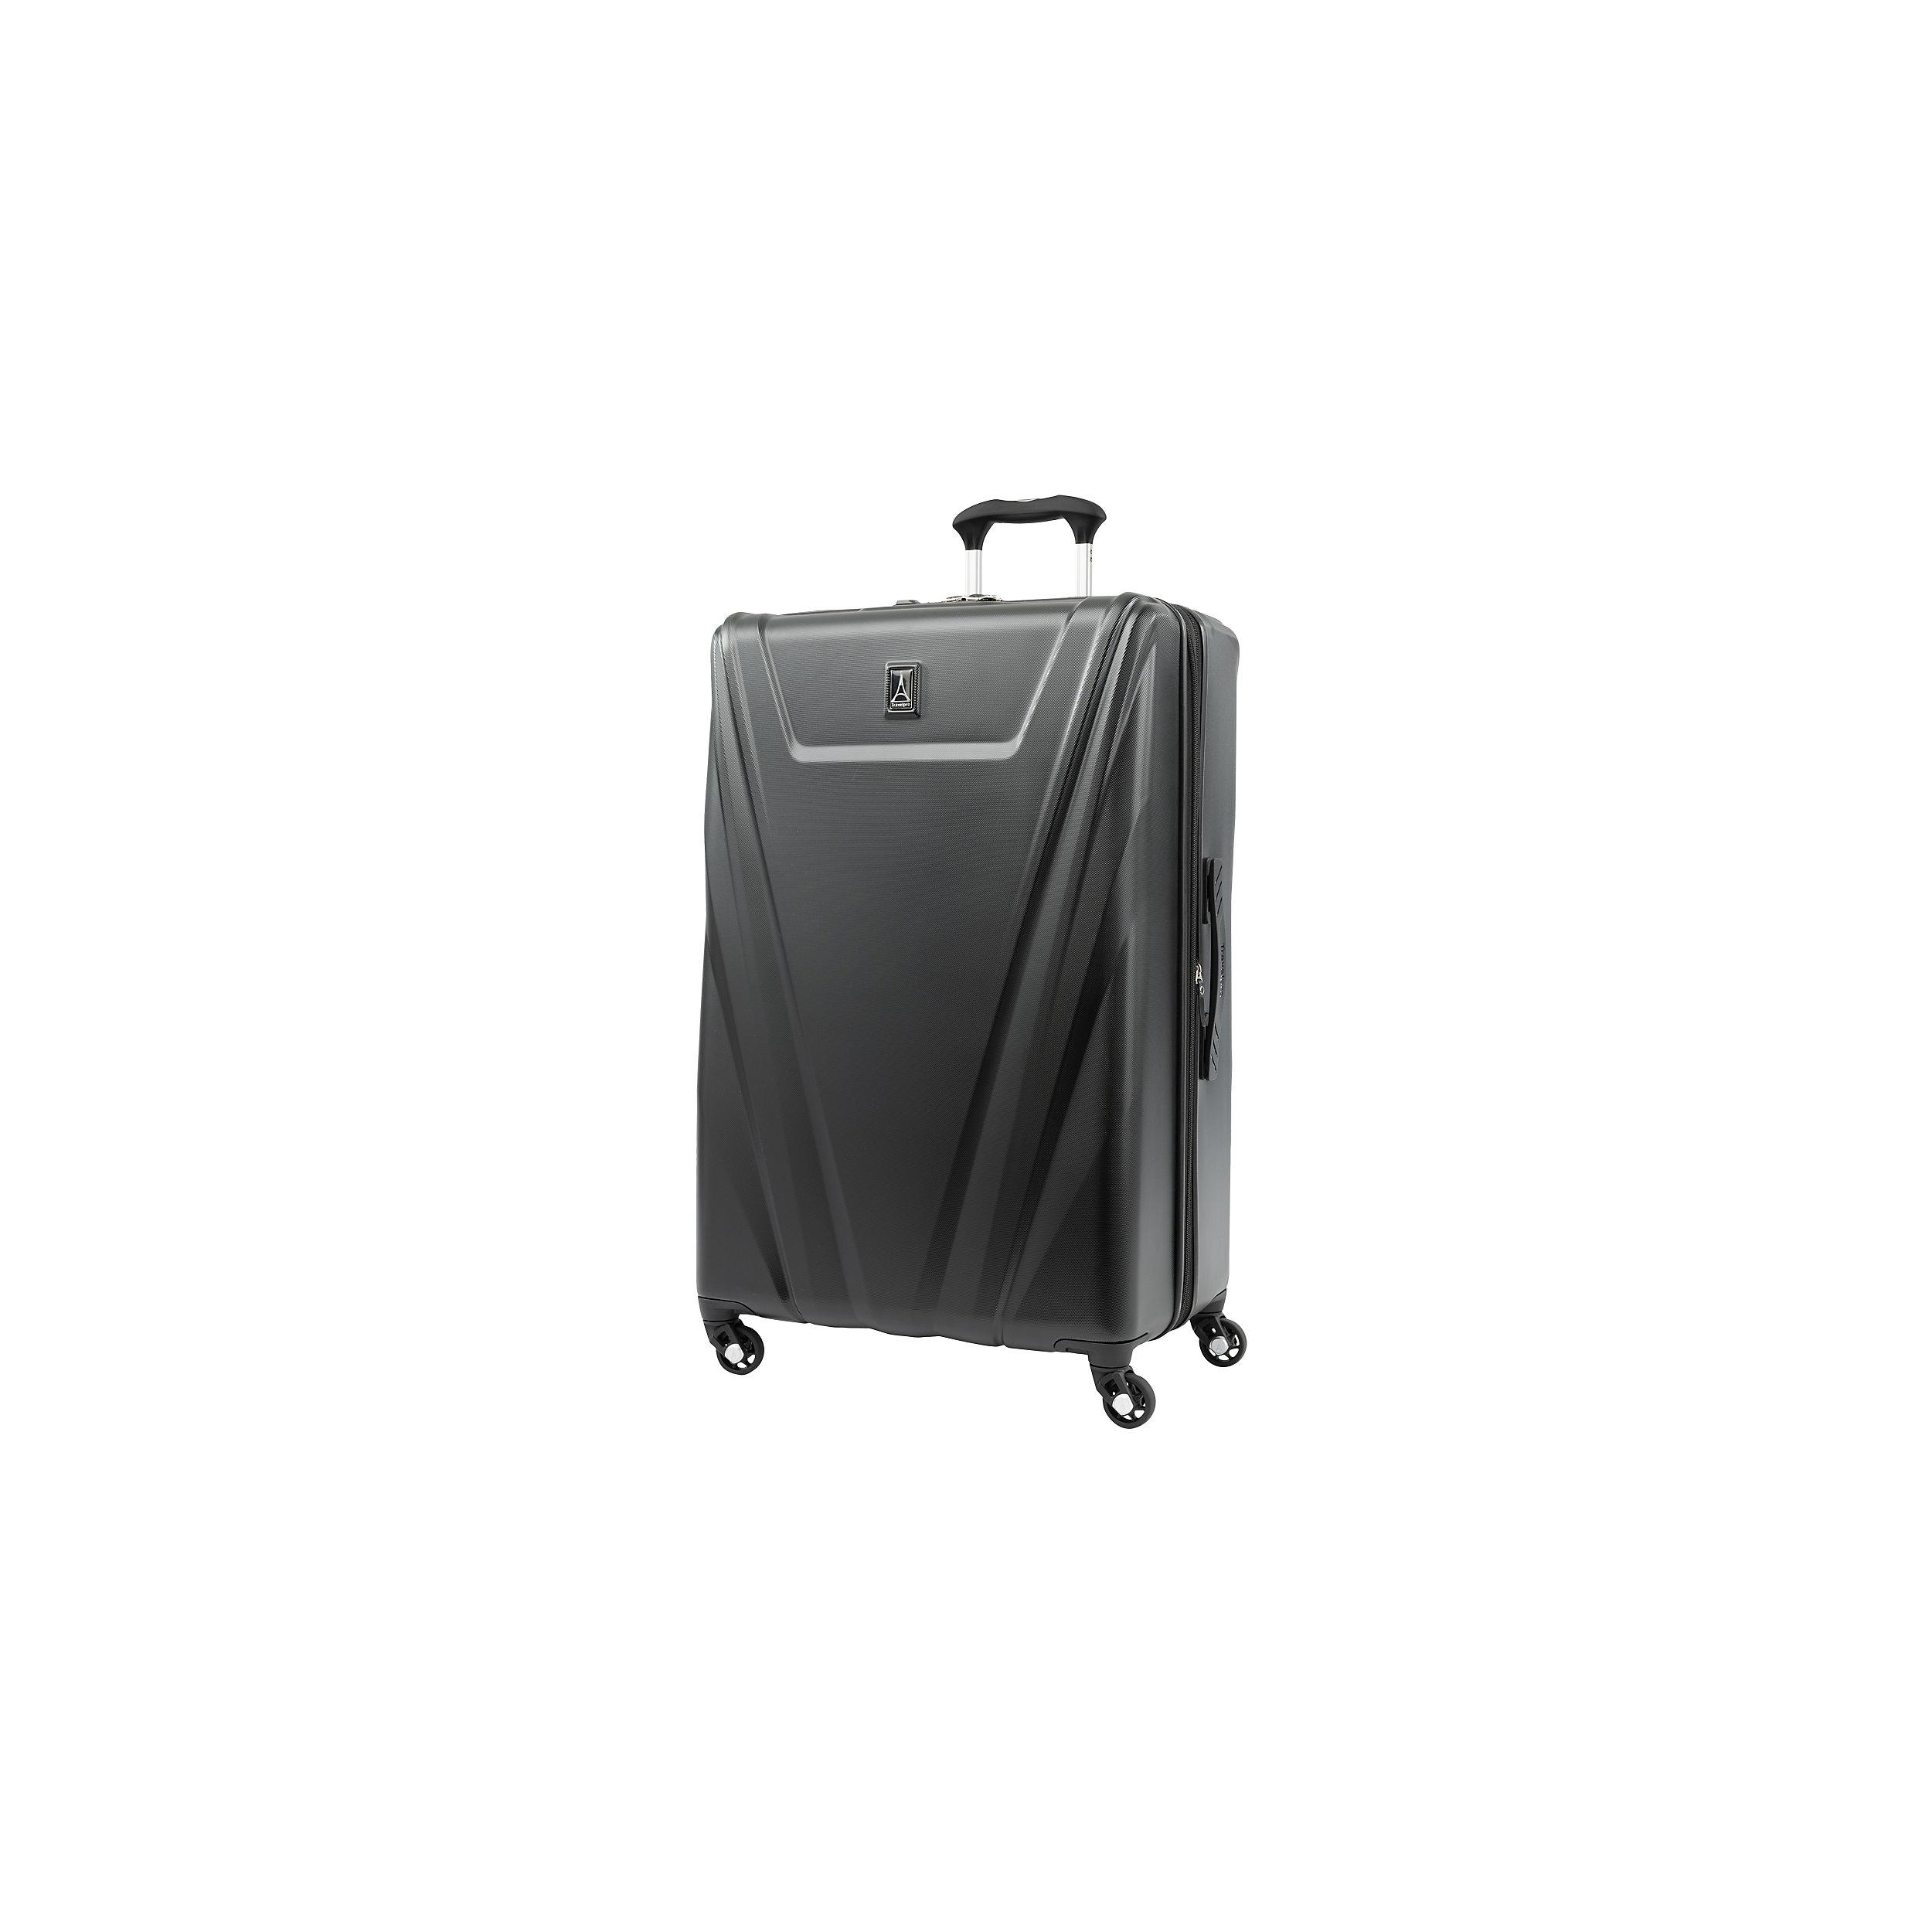 Suitcase with 4 wheels 79 cm Expandable Hardside Maxlite 5 Large 140 Liter